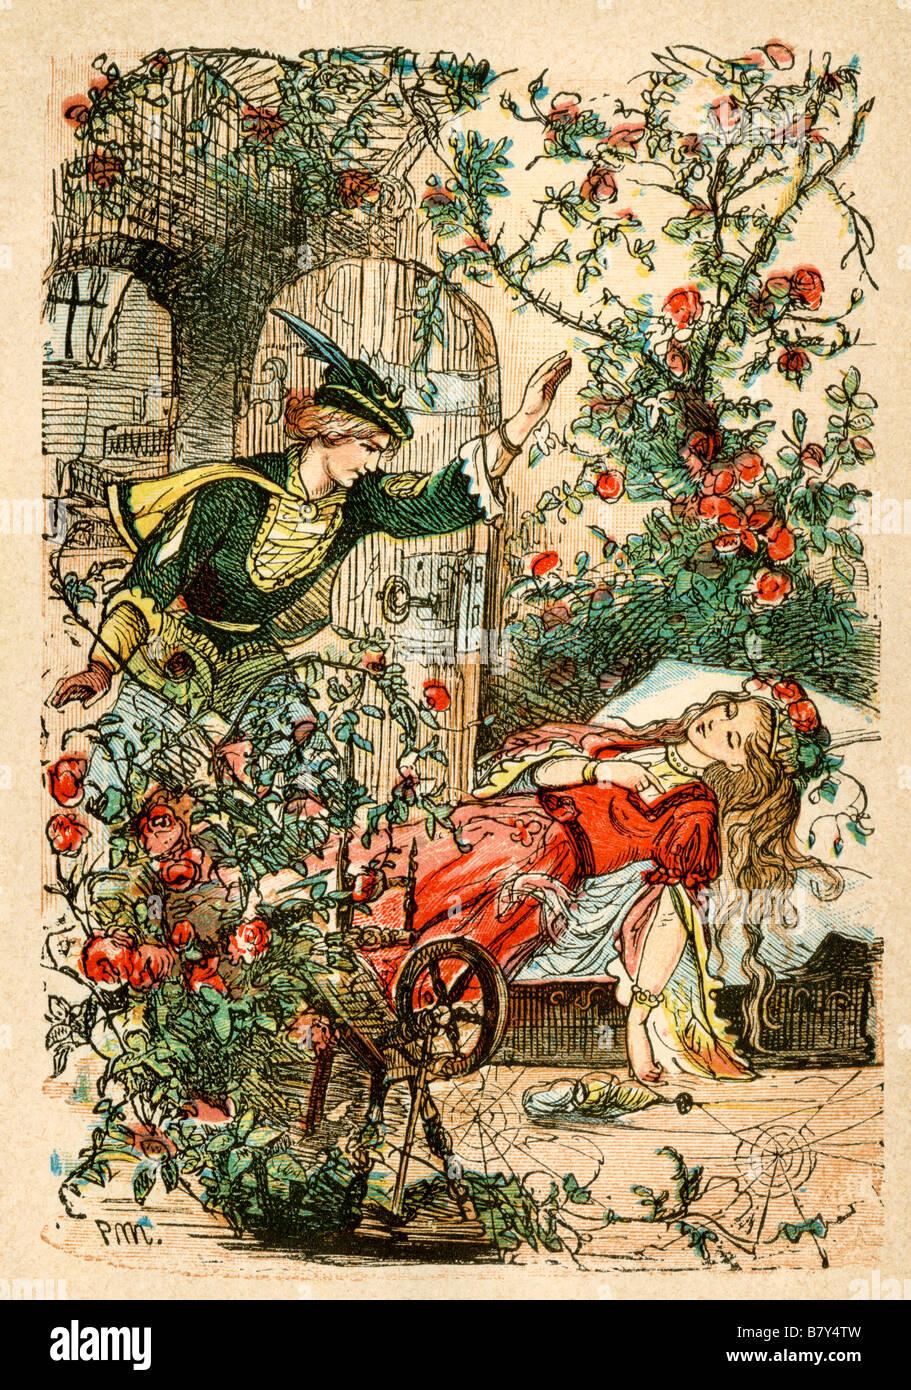 Sleeping Beauty aus einem Berliner Ausgabe von Grimms Märchen 1865. Hand - farbige Holzschnitt Abbildung Stockbild